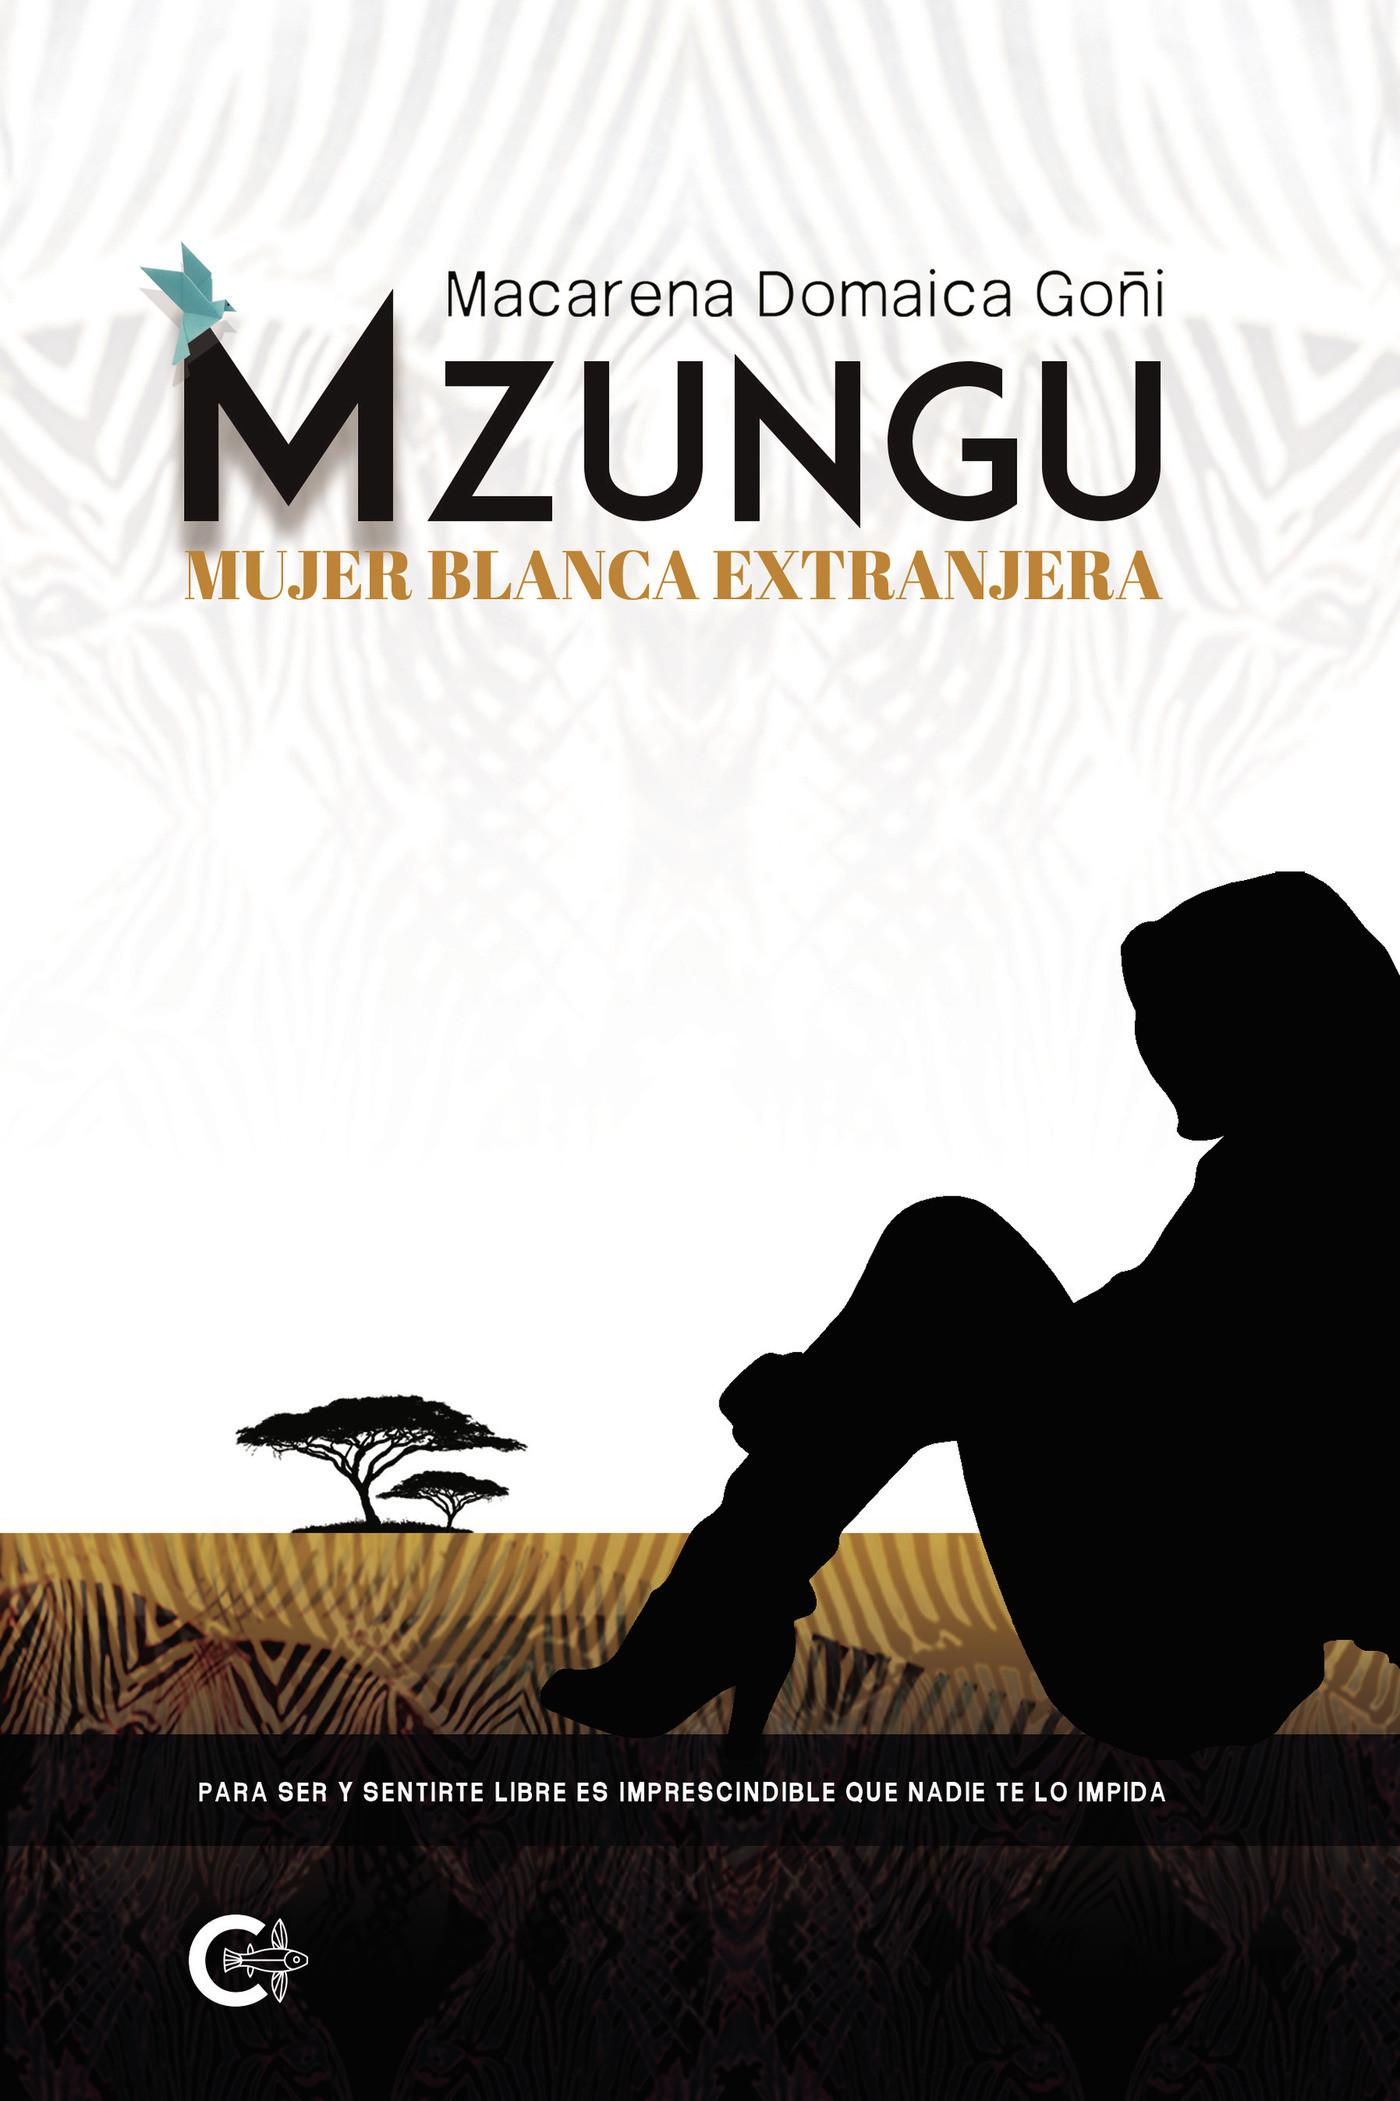 Mzungu - Mujer blanca extranjera